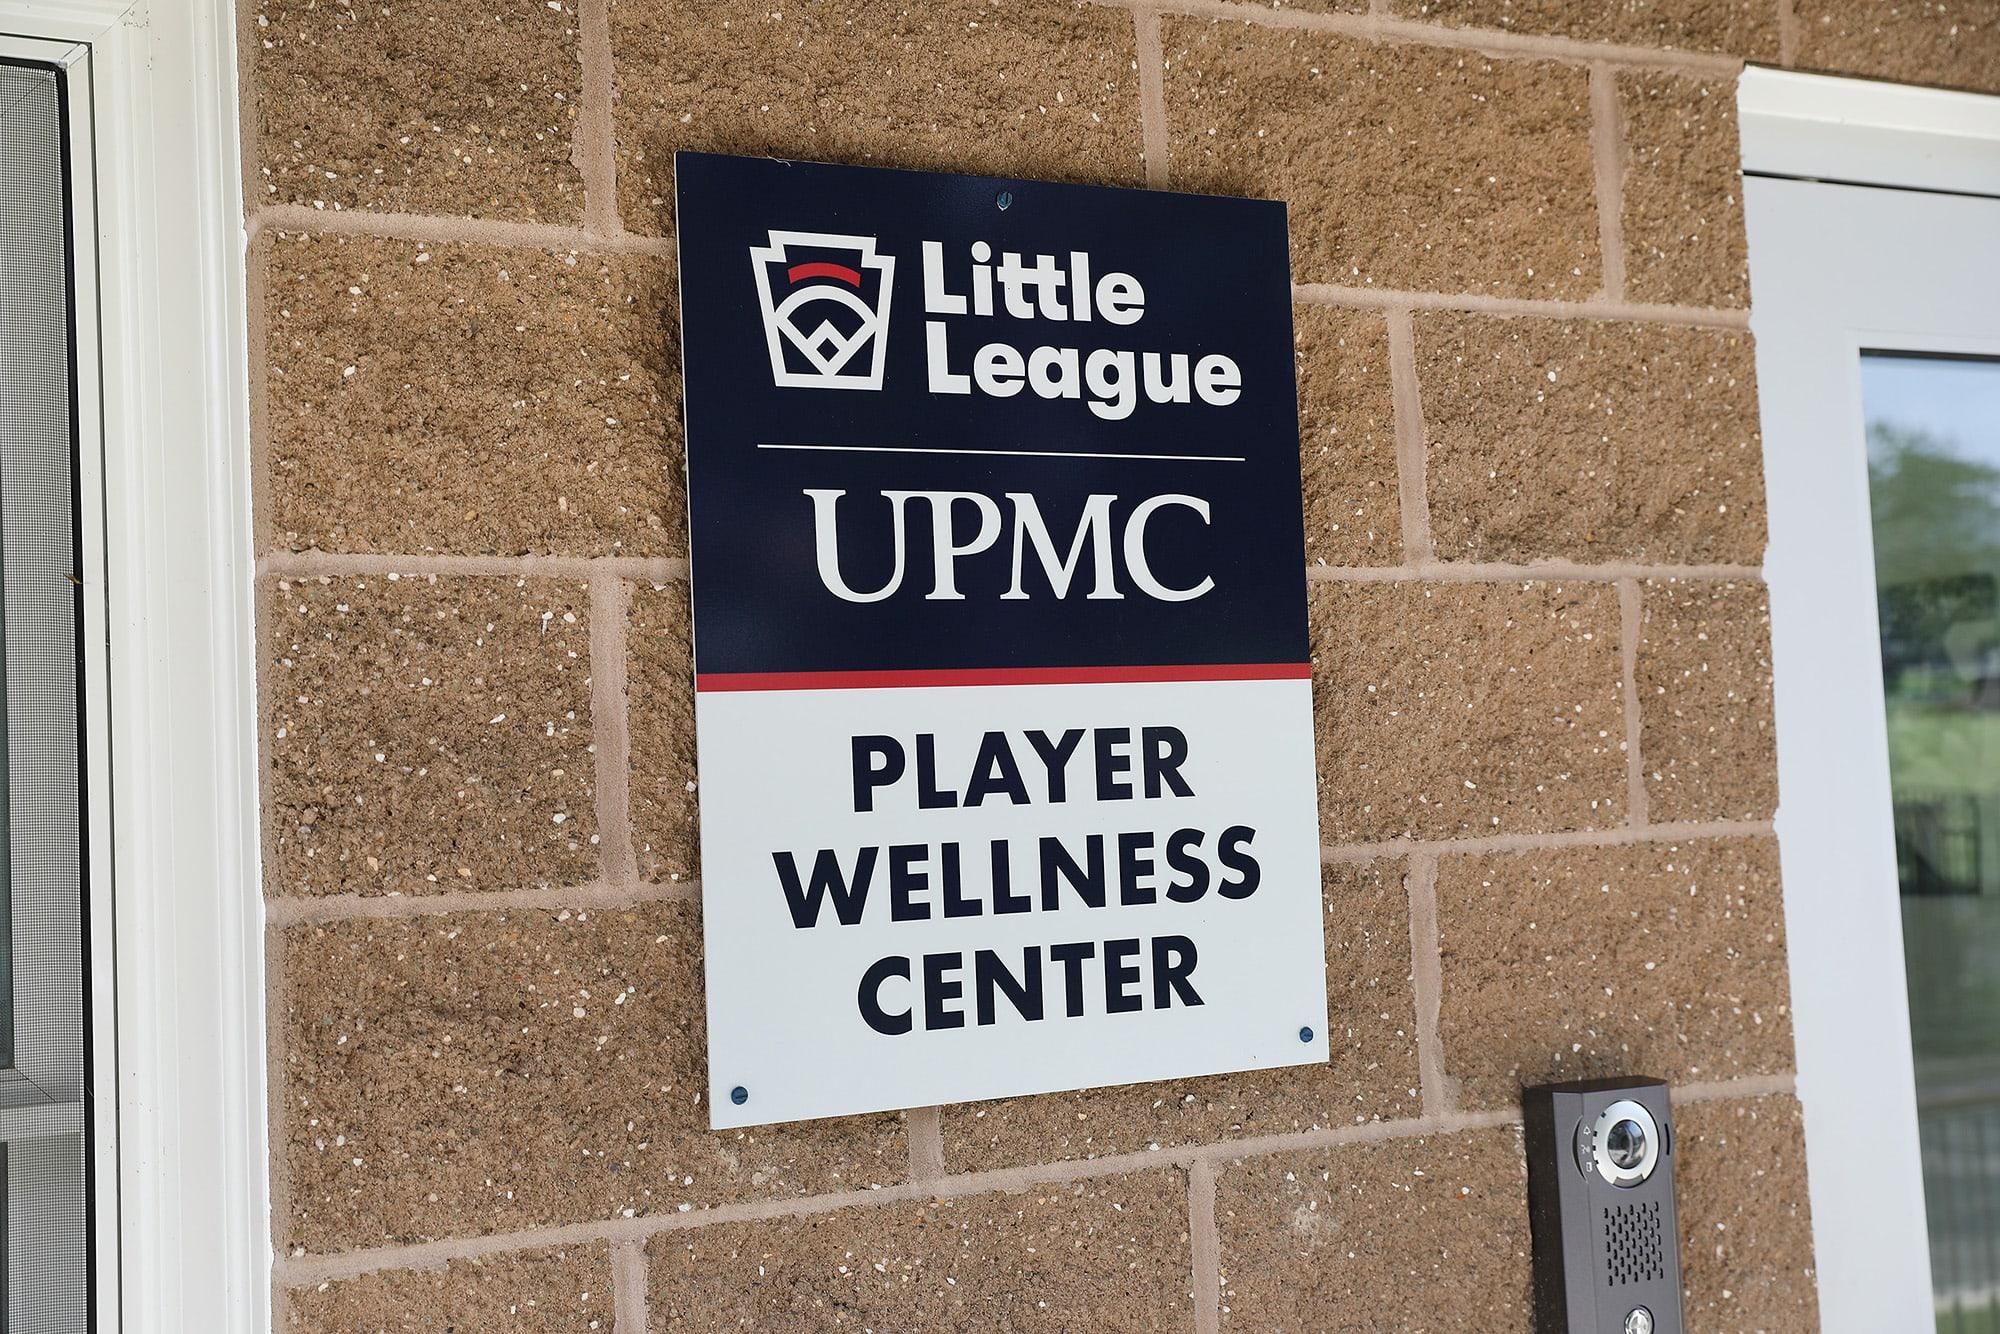 Player Wellness Center